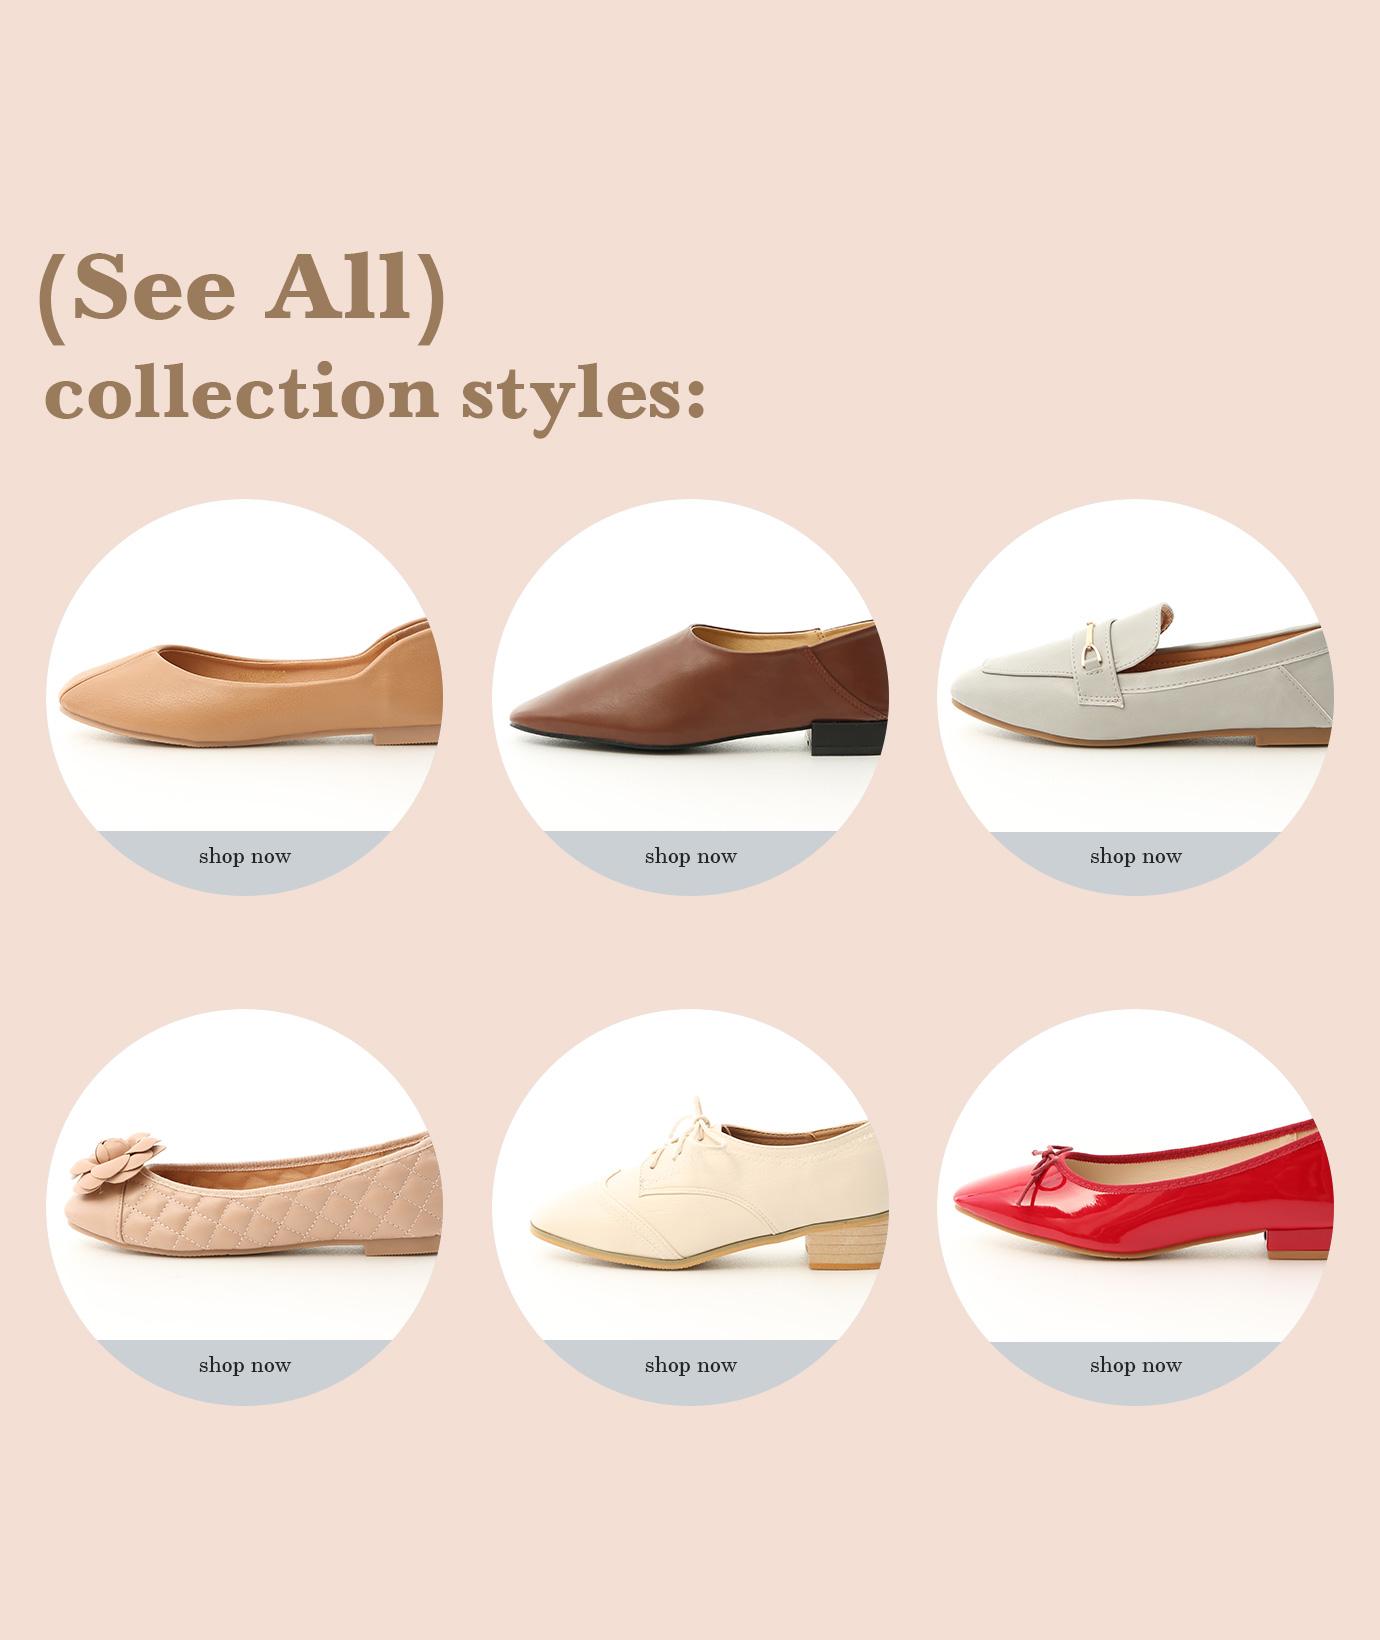 春季流行女鞋樂福鞋娃娃鞋低跟鞋平底鞋等各式鞋款